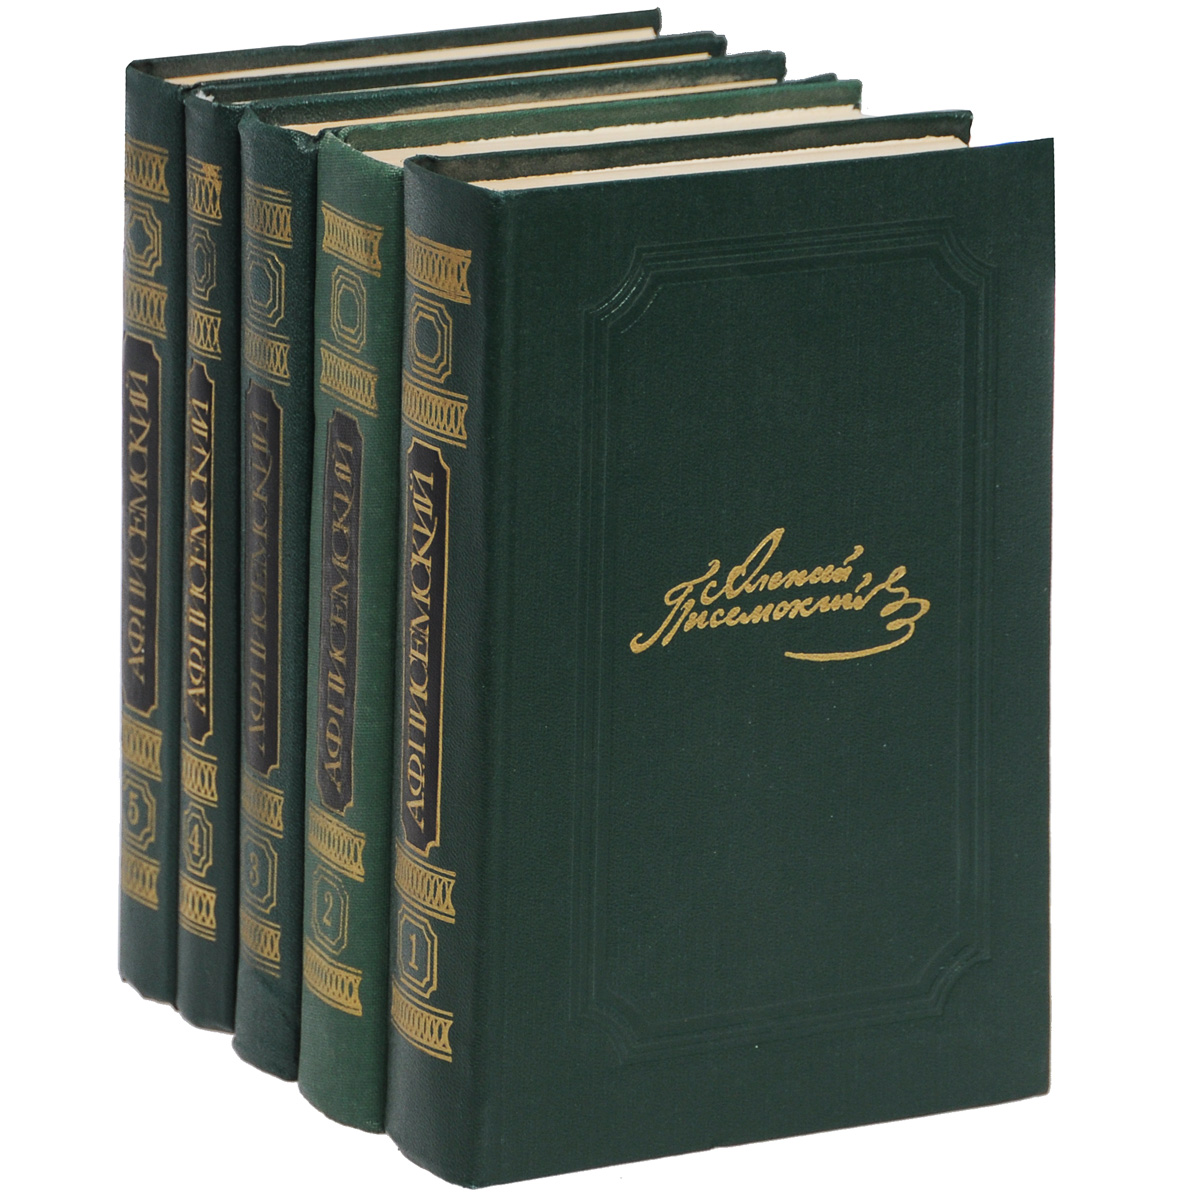 А. Ф. Писемский А. Ф. Писемский. Собрание сочинений в 5 томах (комплект из 5 книг) цена